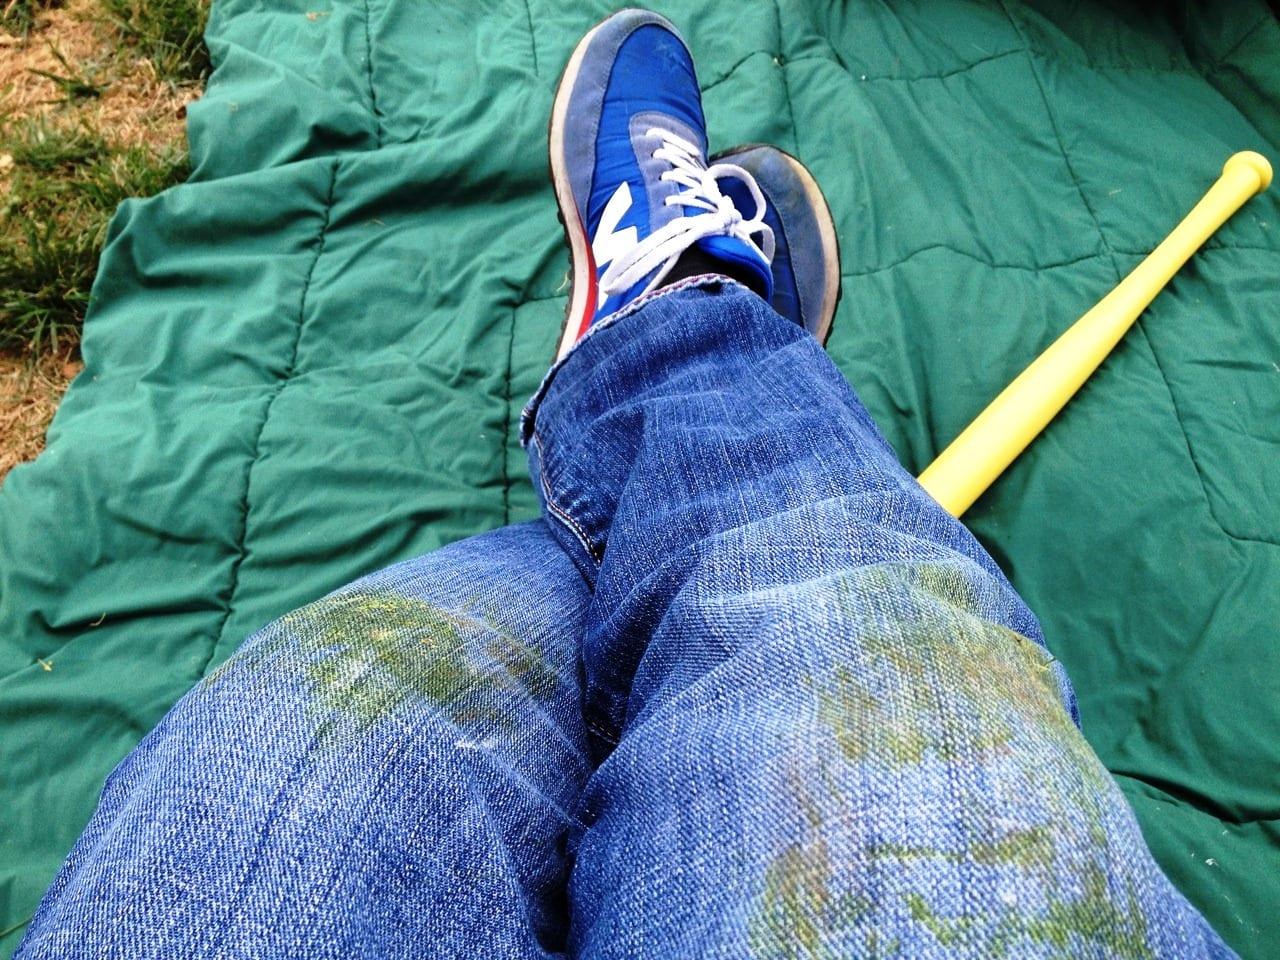 Как убрать смолу с джинсов в домашних условиях